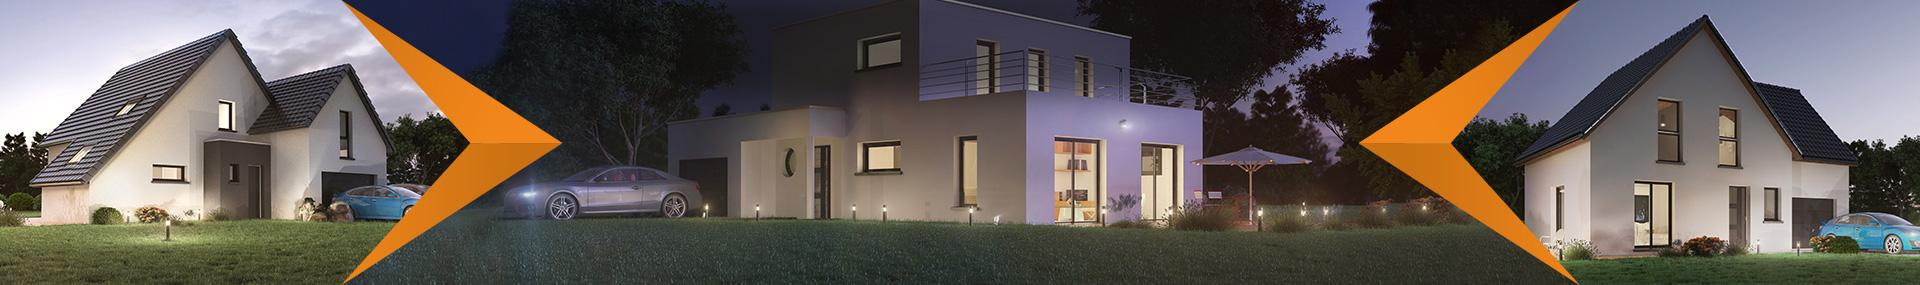 Réalisez votre projet de construction avec Maisons Brand